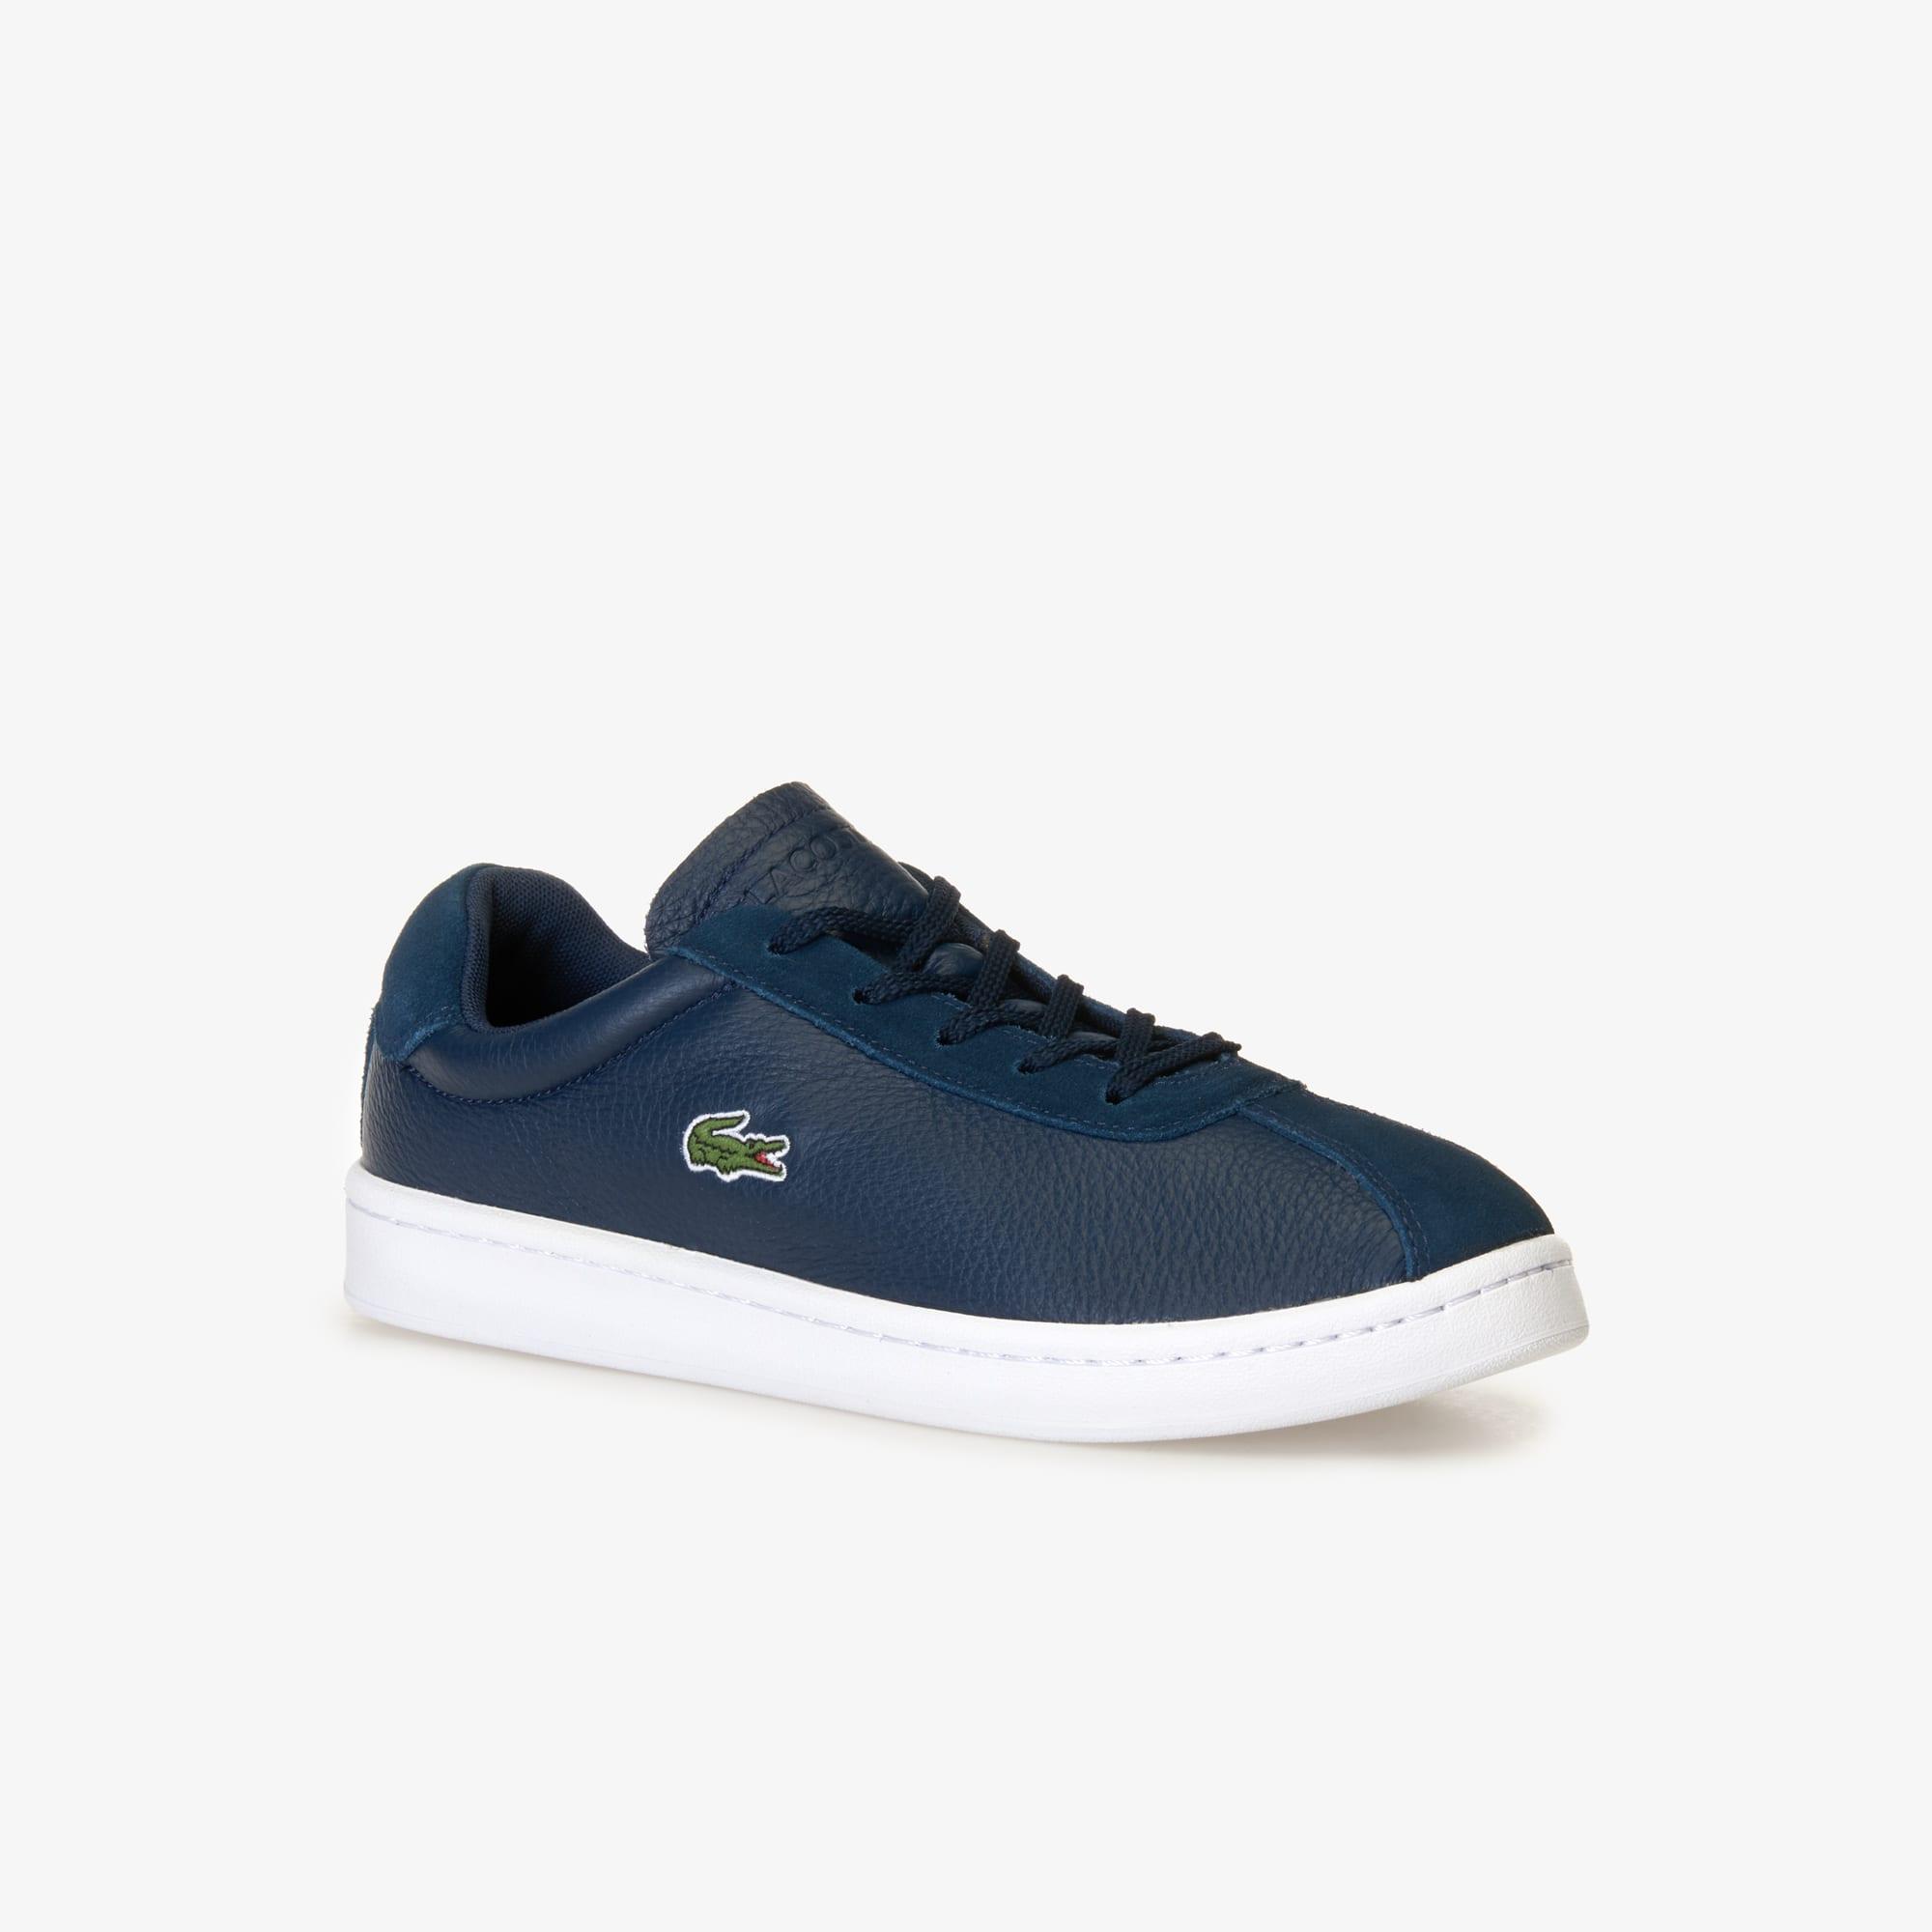 514b2b029597 Shoes for Women